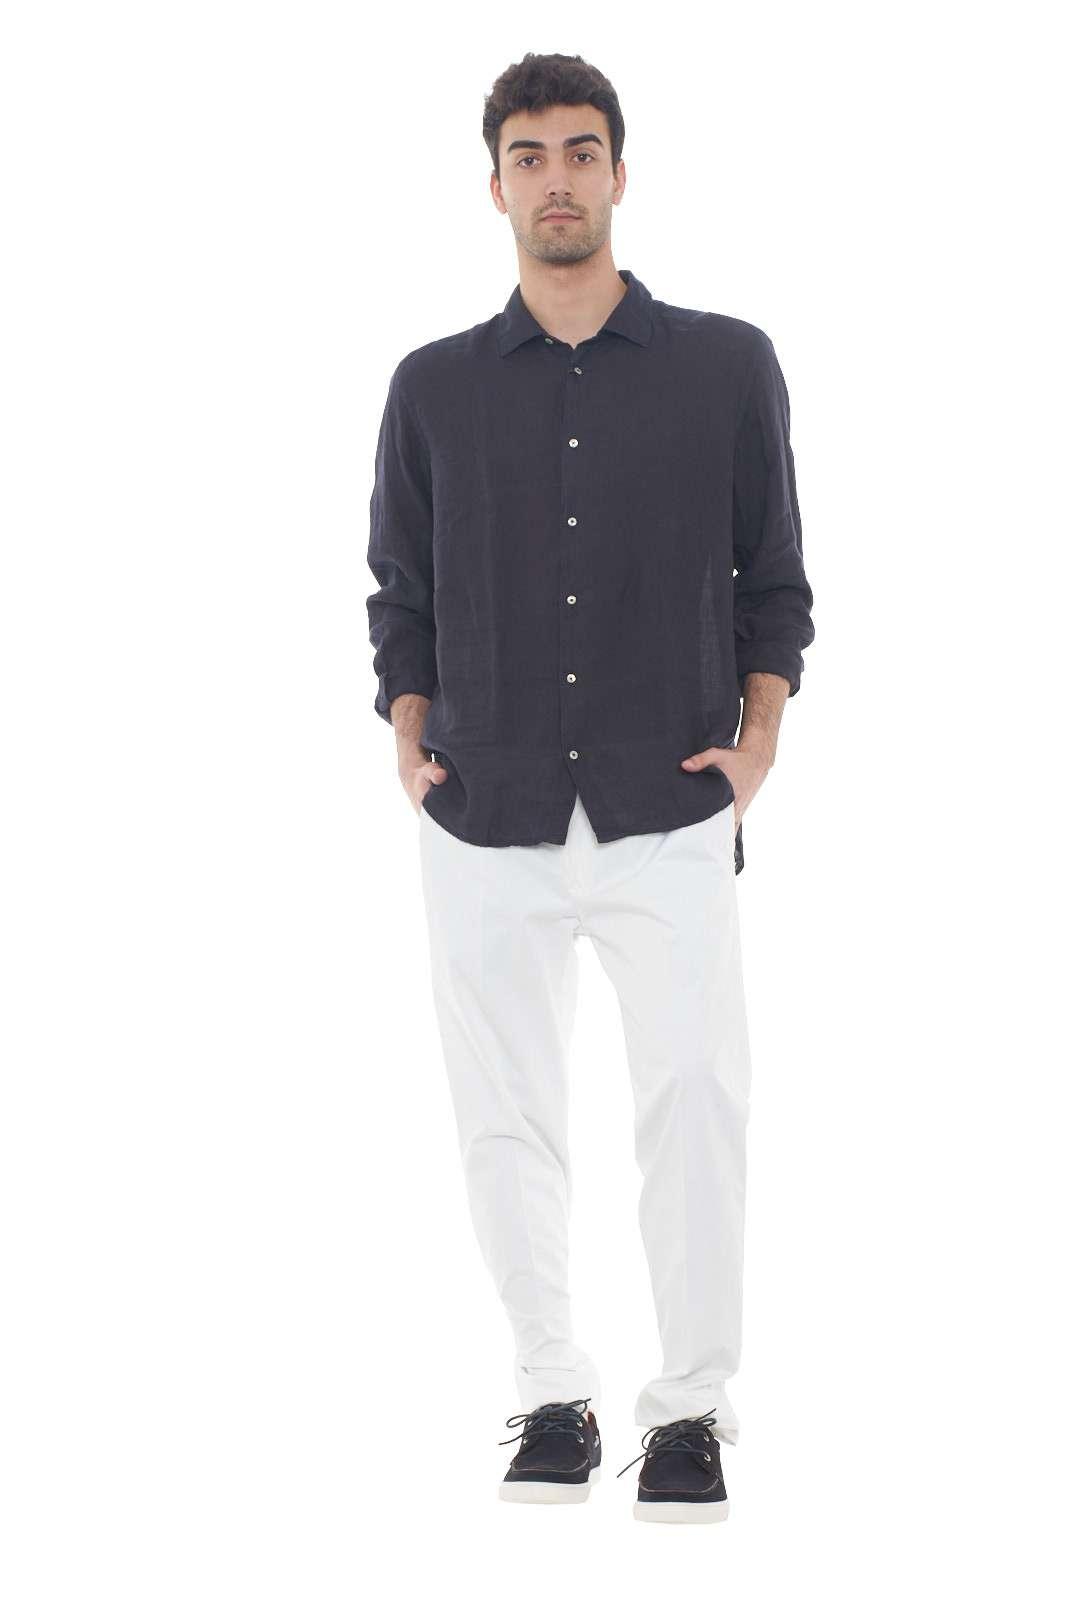 https://www.parmax.com/media/catalog/product/a/i/PE-outlet_parmax-camicia-uomo-Altea-1954000-D_1.jpg